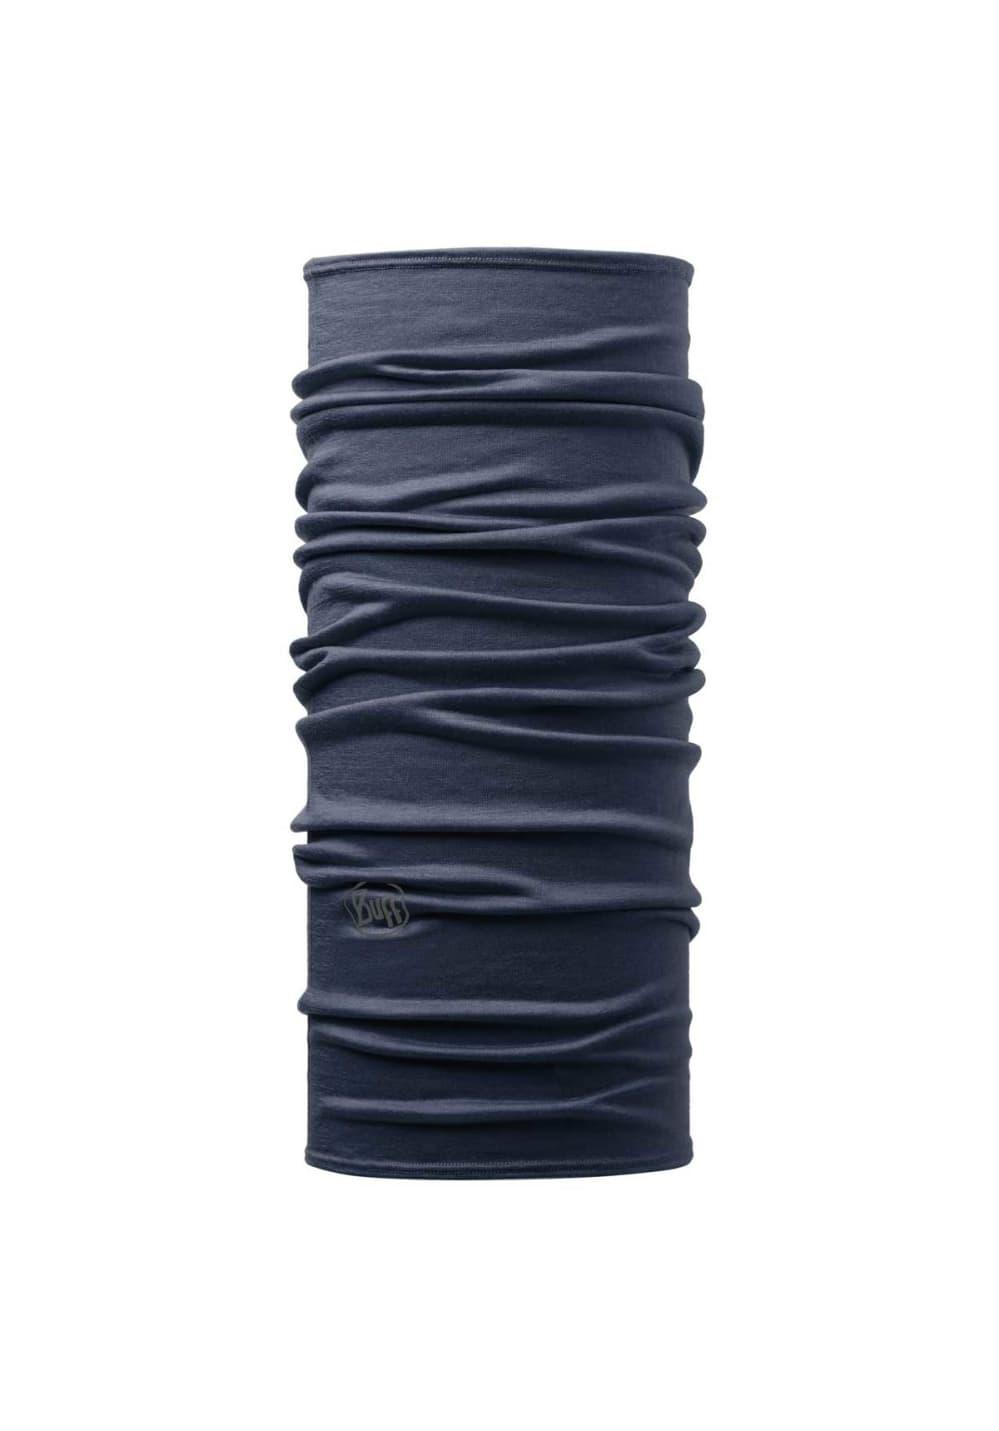 Buff Lightweight Merino Wool Solid Kopfbedeckung - Schwarz, Gr. One Size